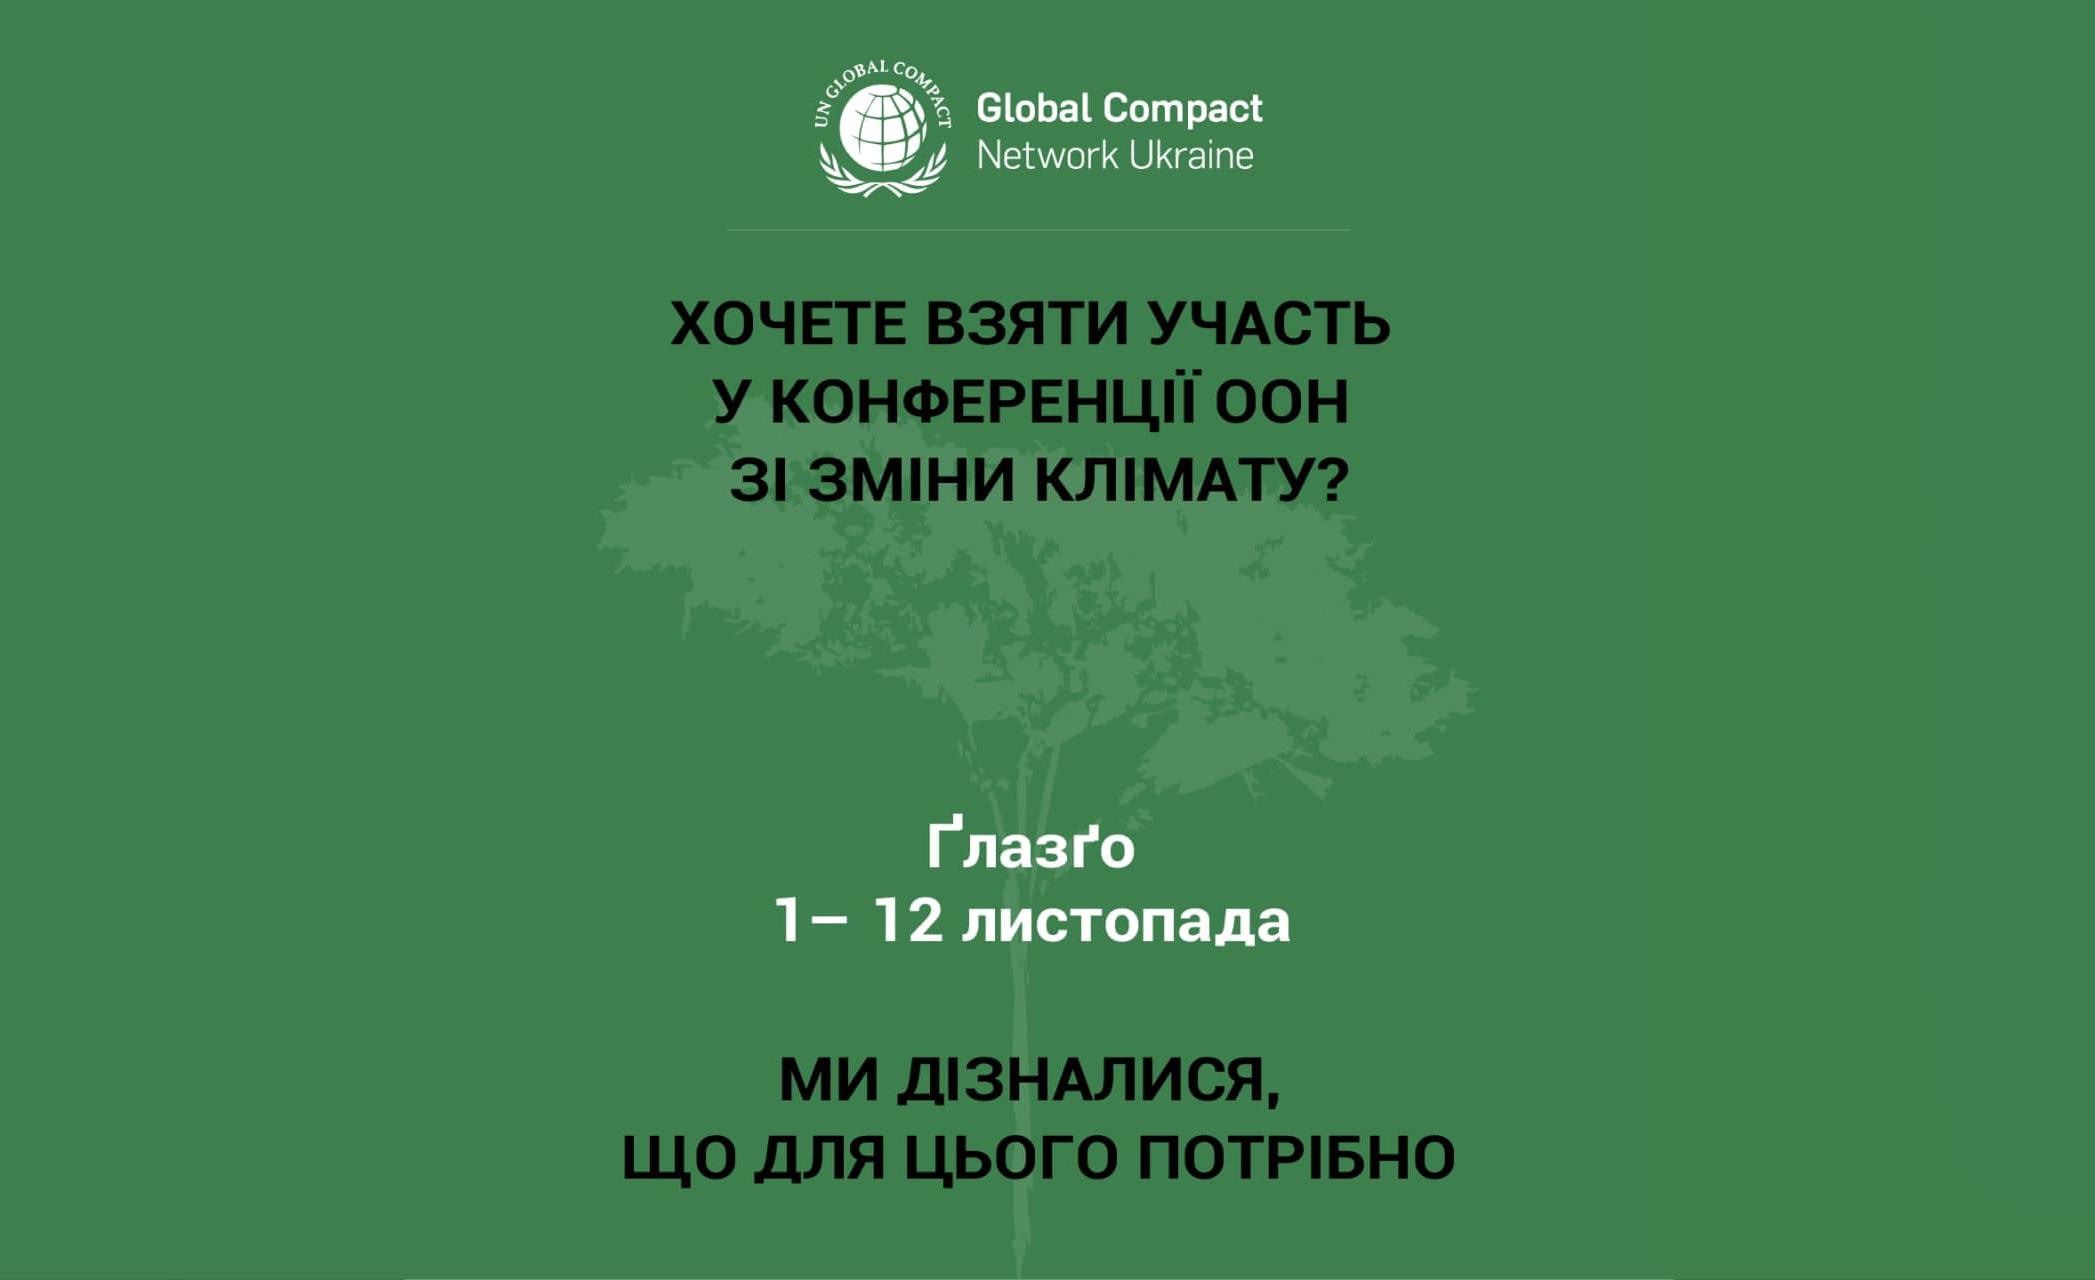 Візьміть участь у Конференції ООН зі зміни клімату!